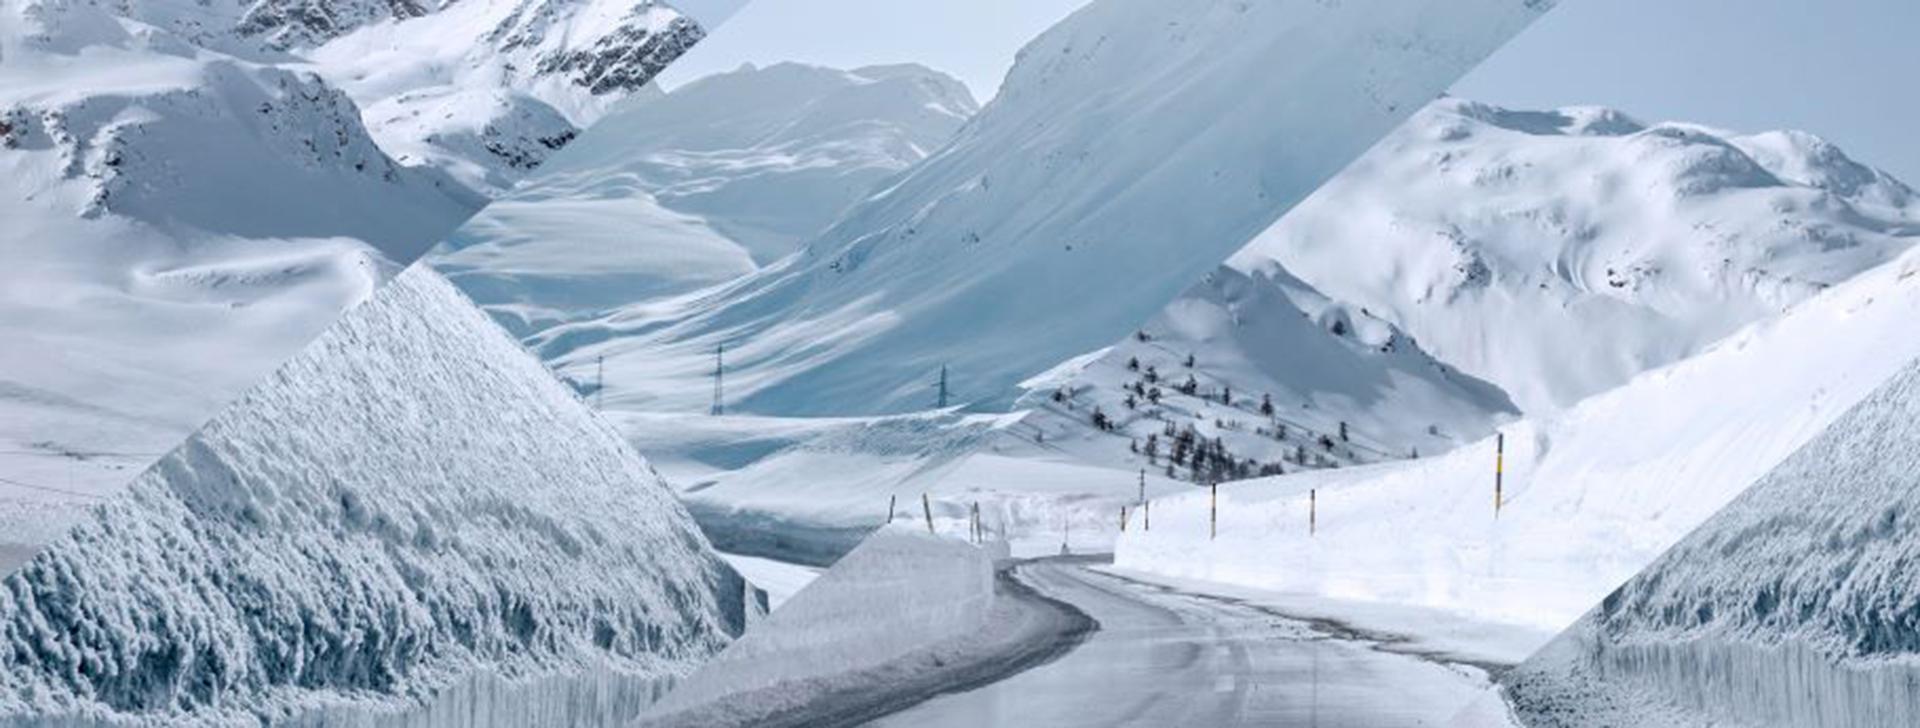 Alpine - background image réseaux sociaux / banner social network